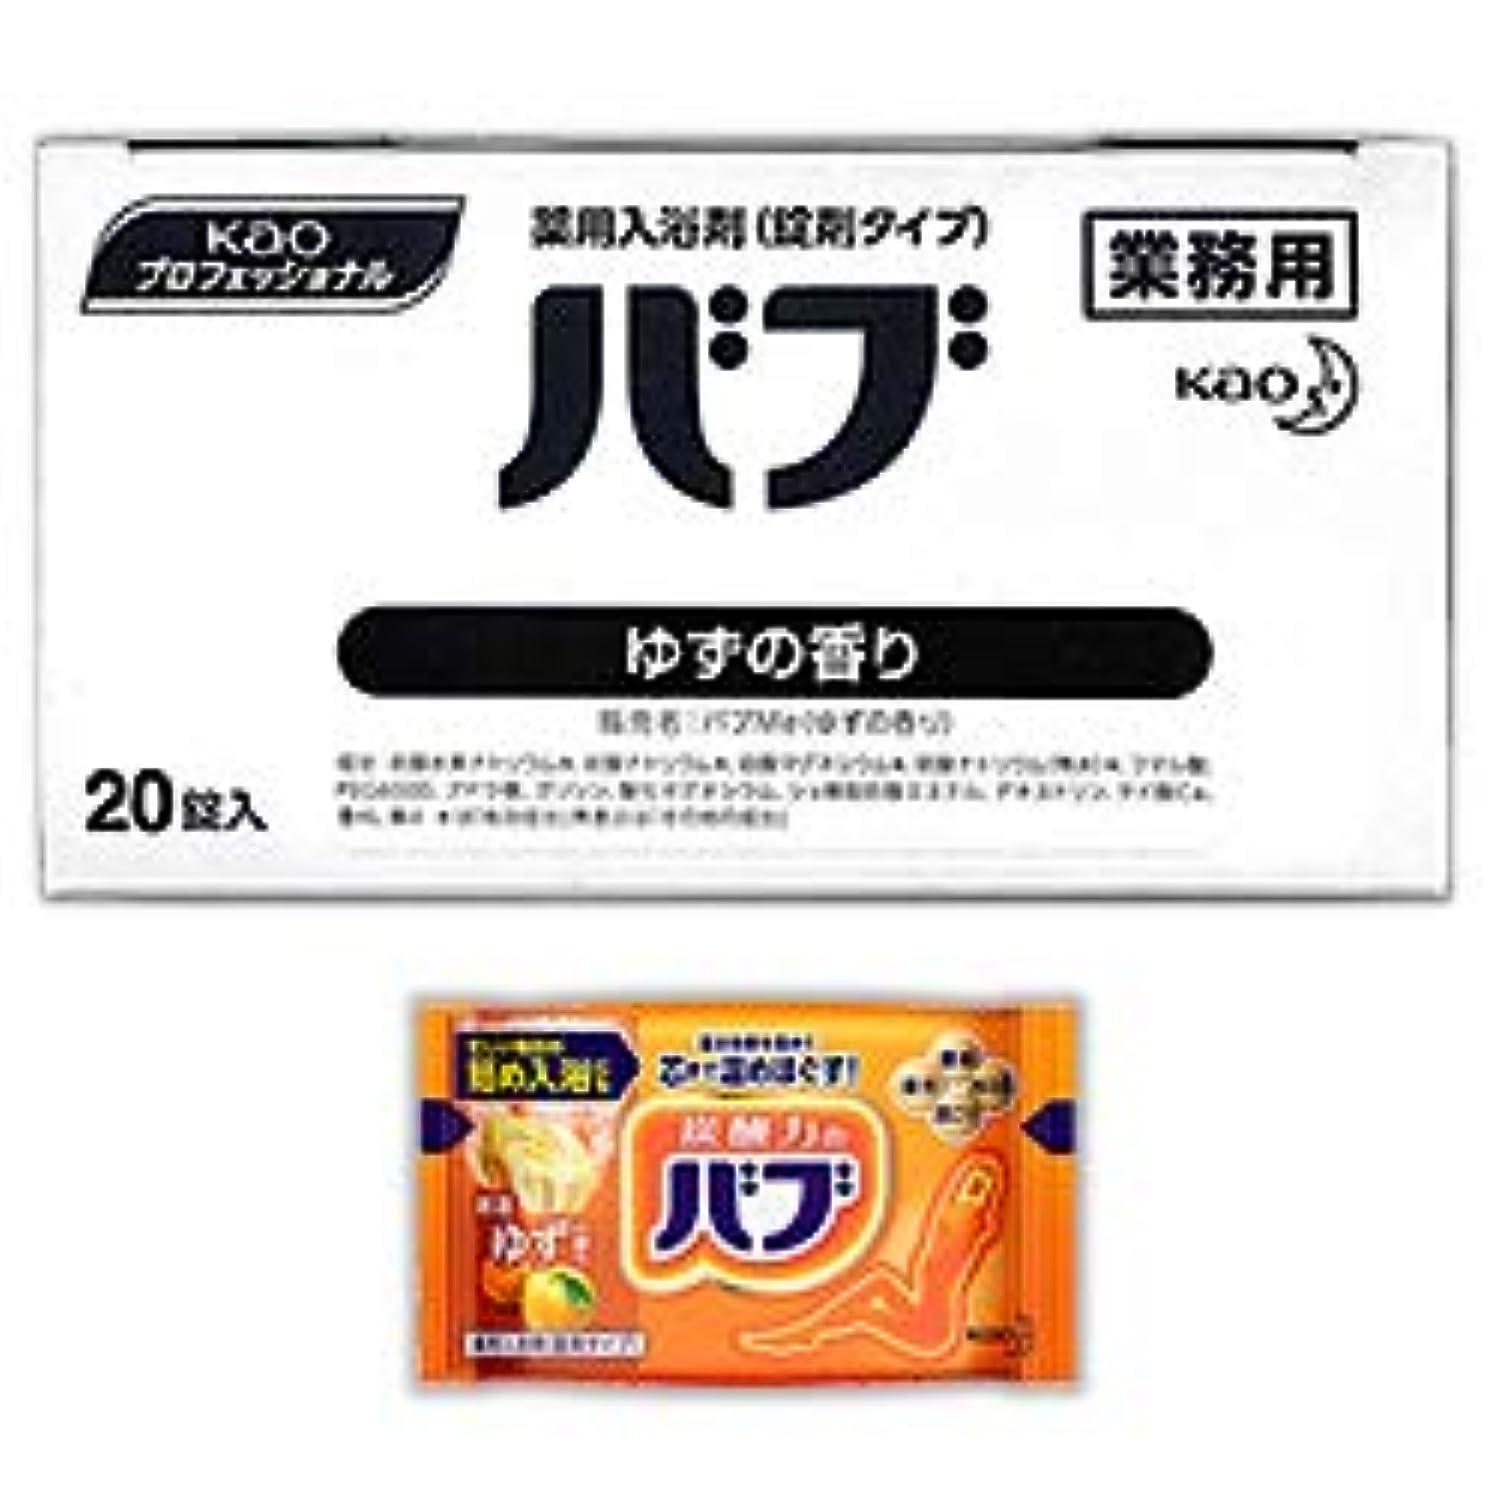 わかりやすいカレッジベル【花王】Kaoプロフェッショナル バブ ゆずの香り(業務用) 40g×20錠入 ×5個セット